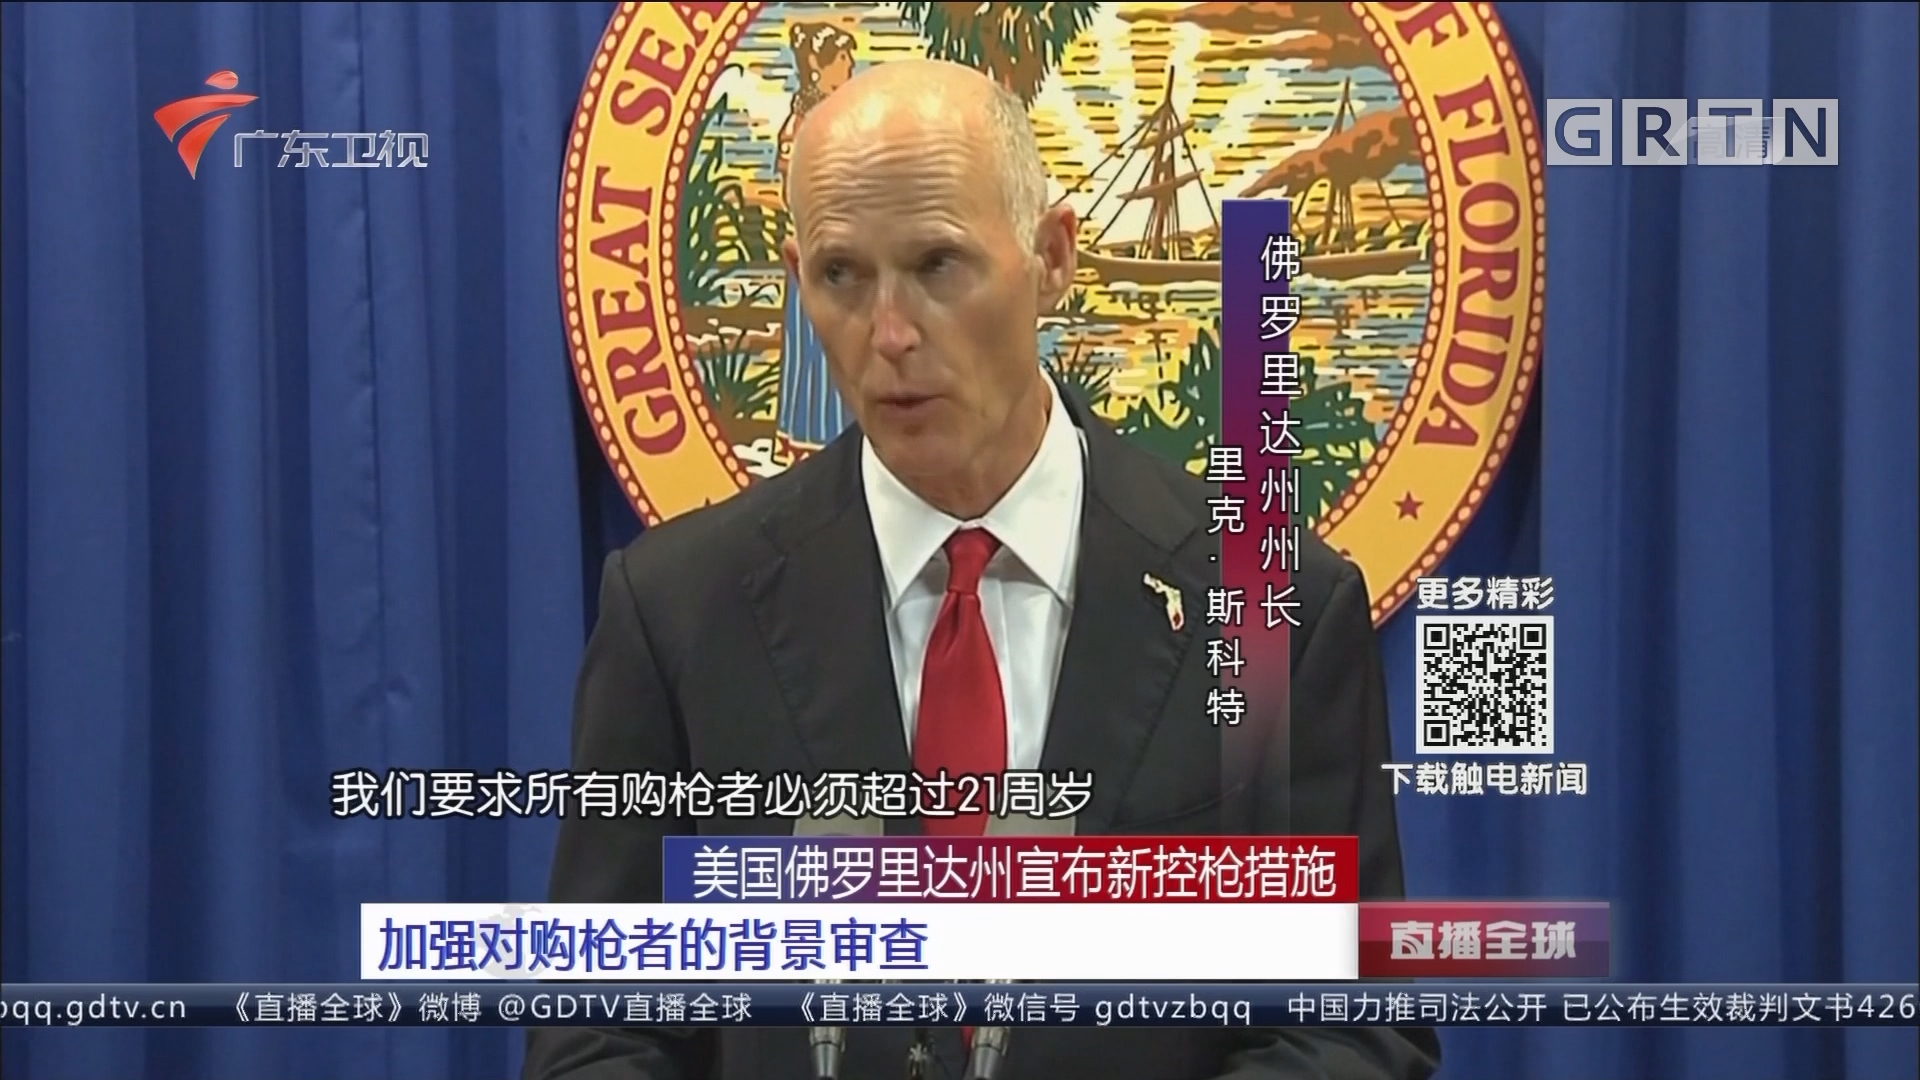 美国佛罗里达州宣布新控枪措施:加强对购枪者的背景审查